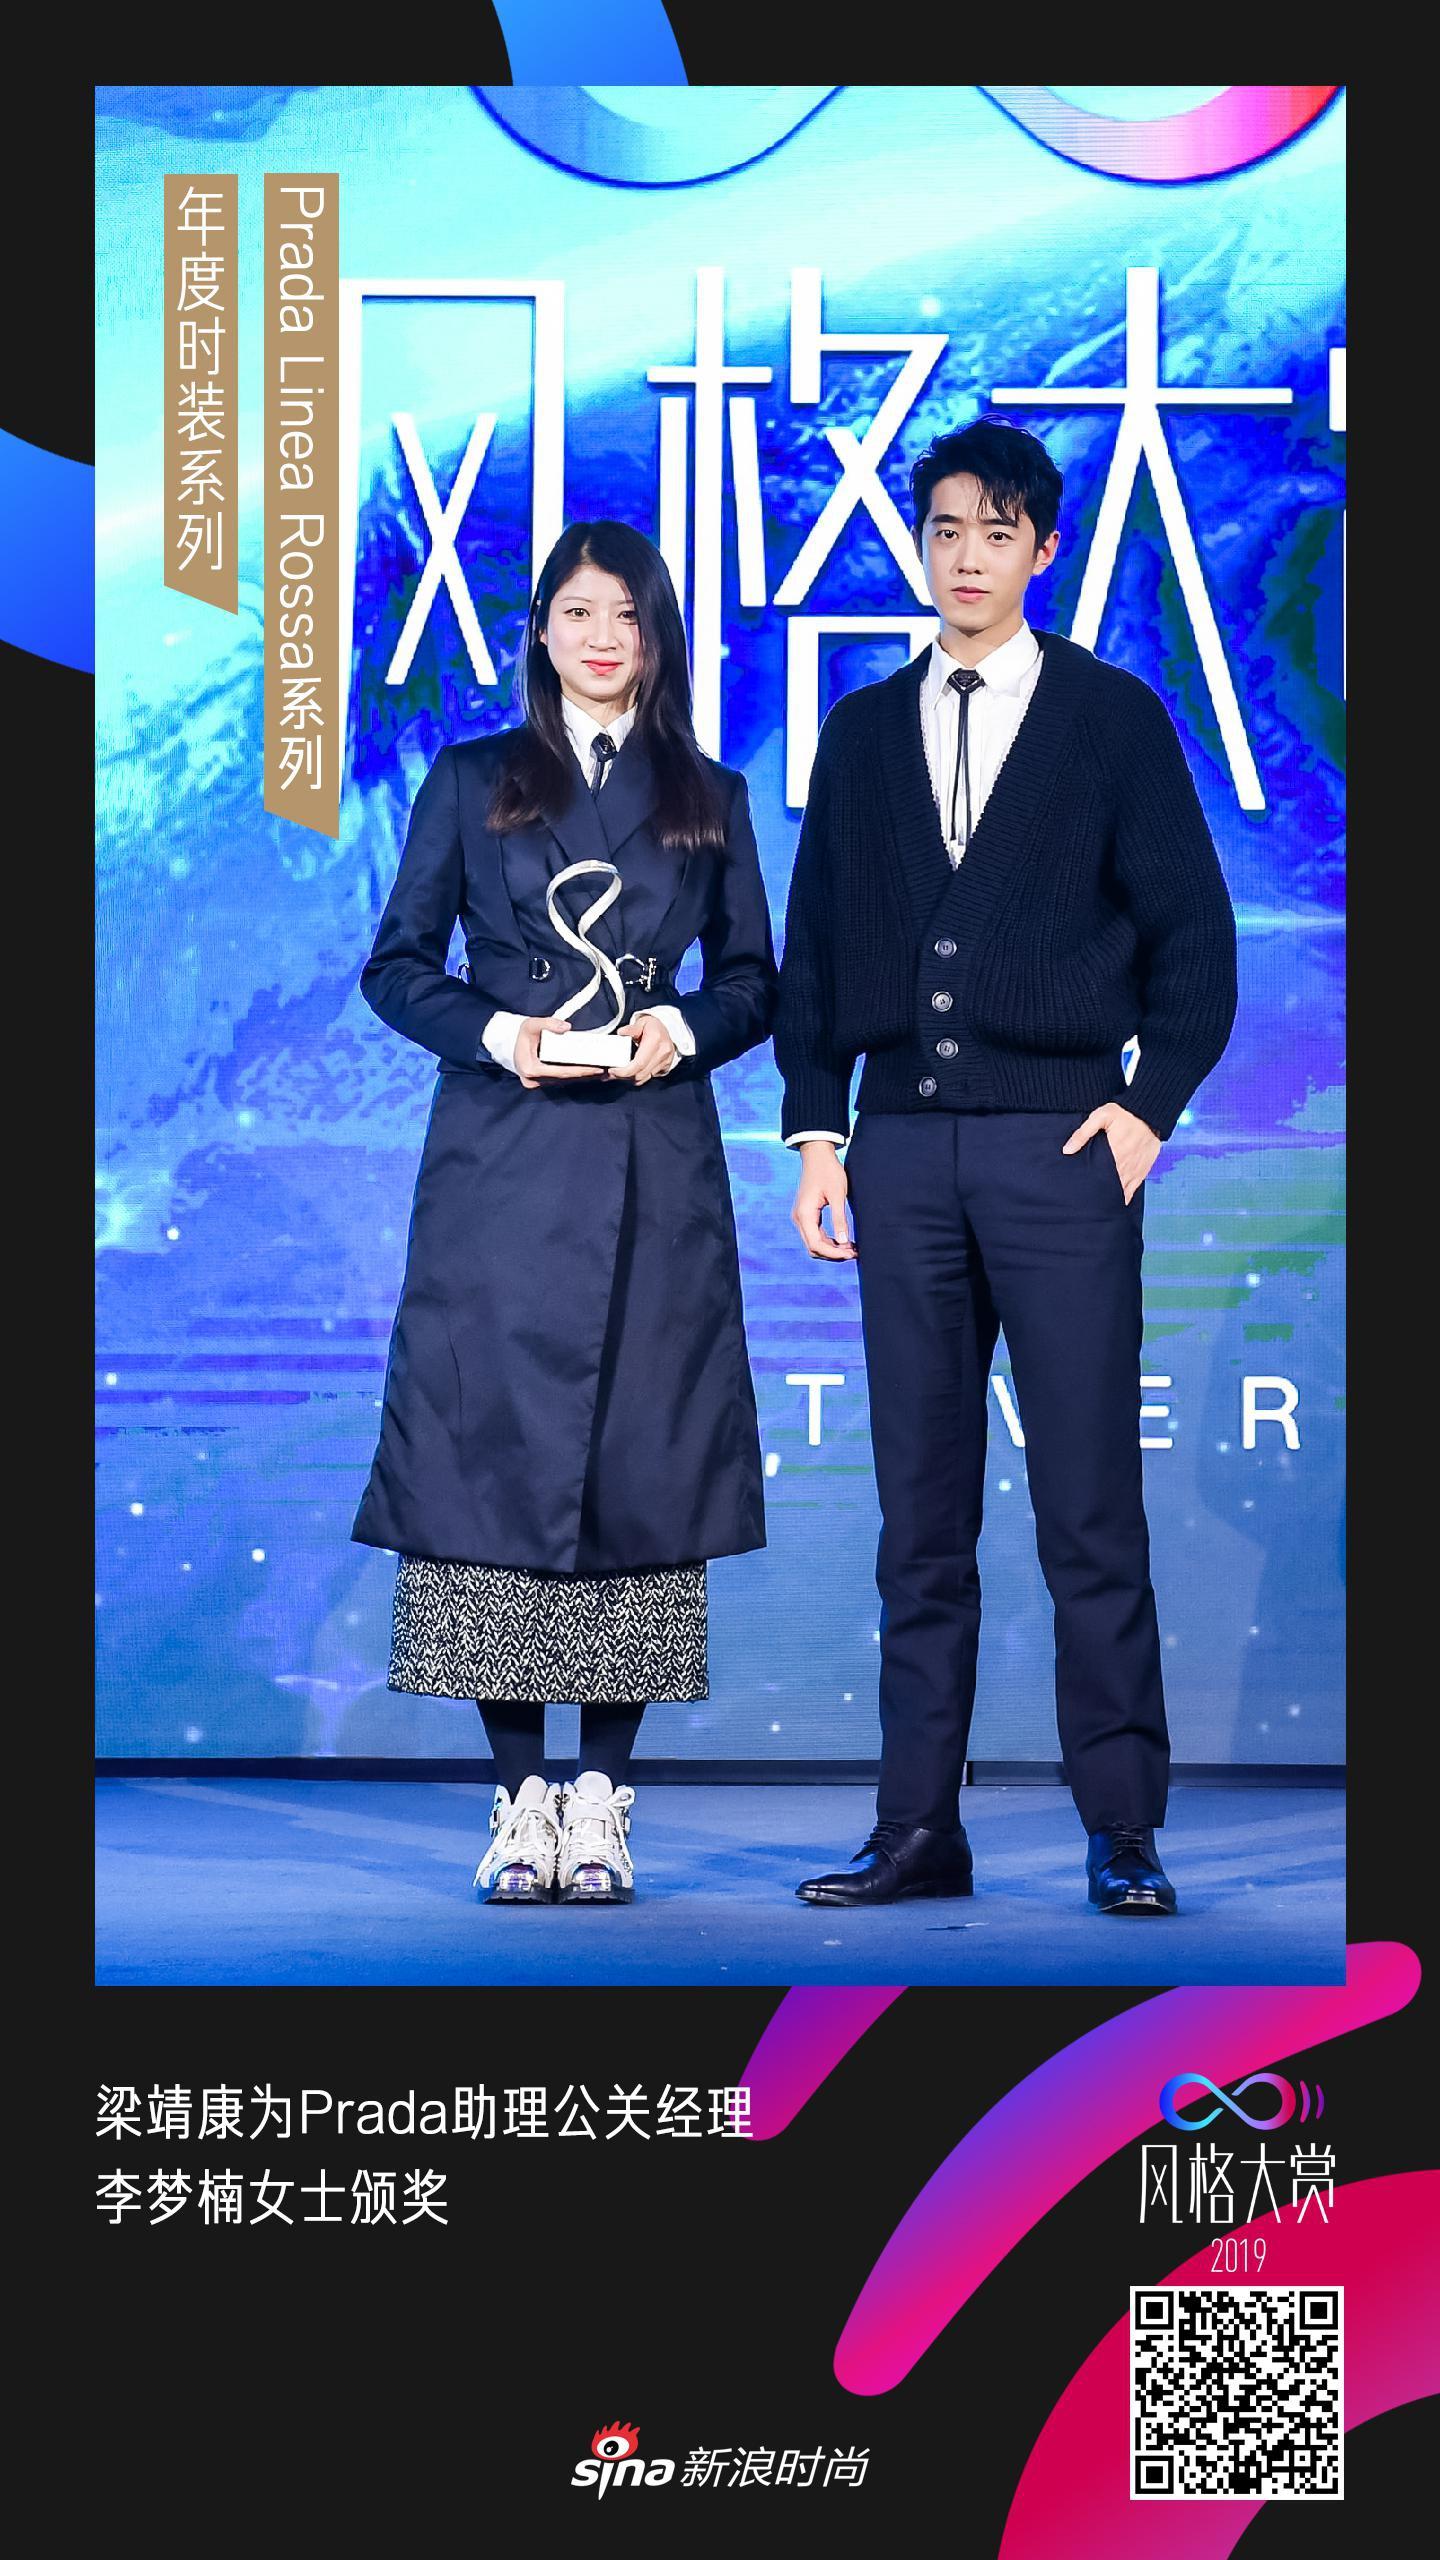 """梁靖康为获得""""年度时装系列""""的Prada Linea Rossa系列颁奖"""